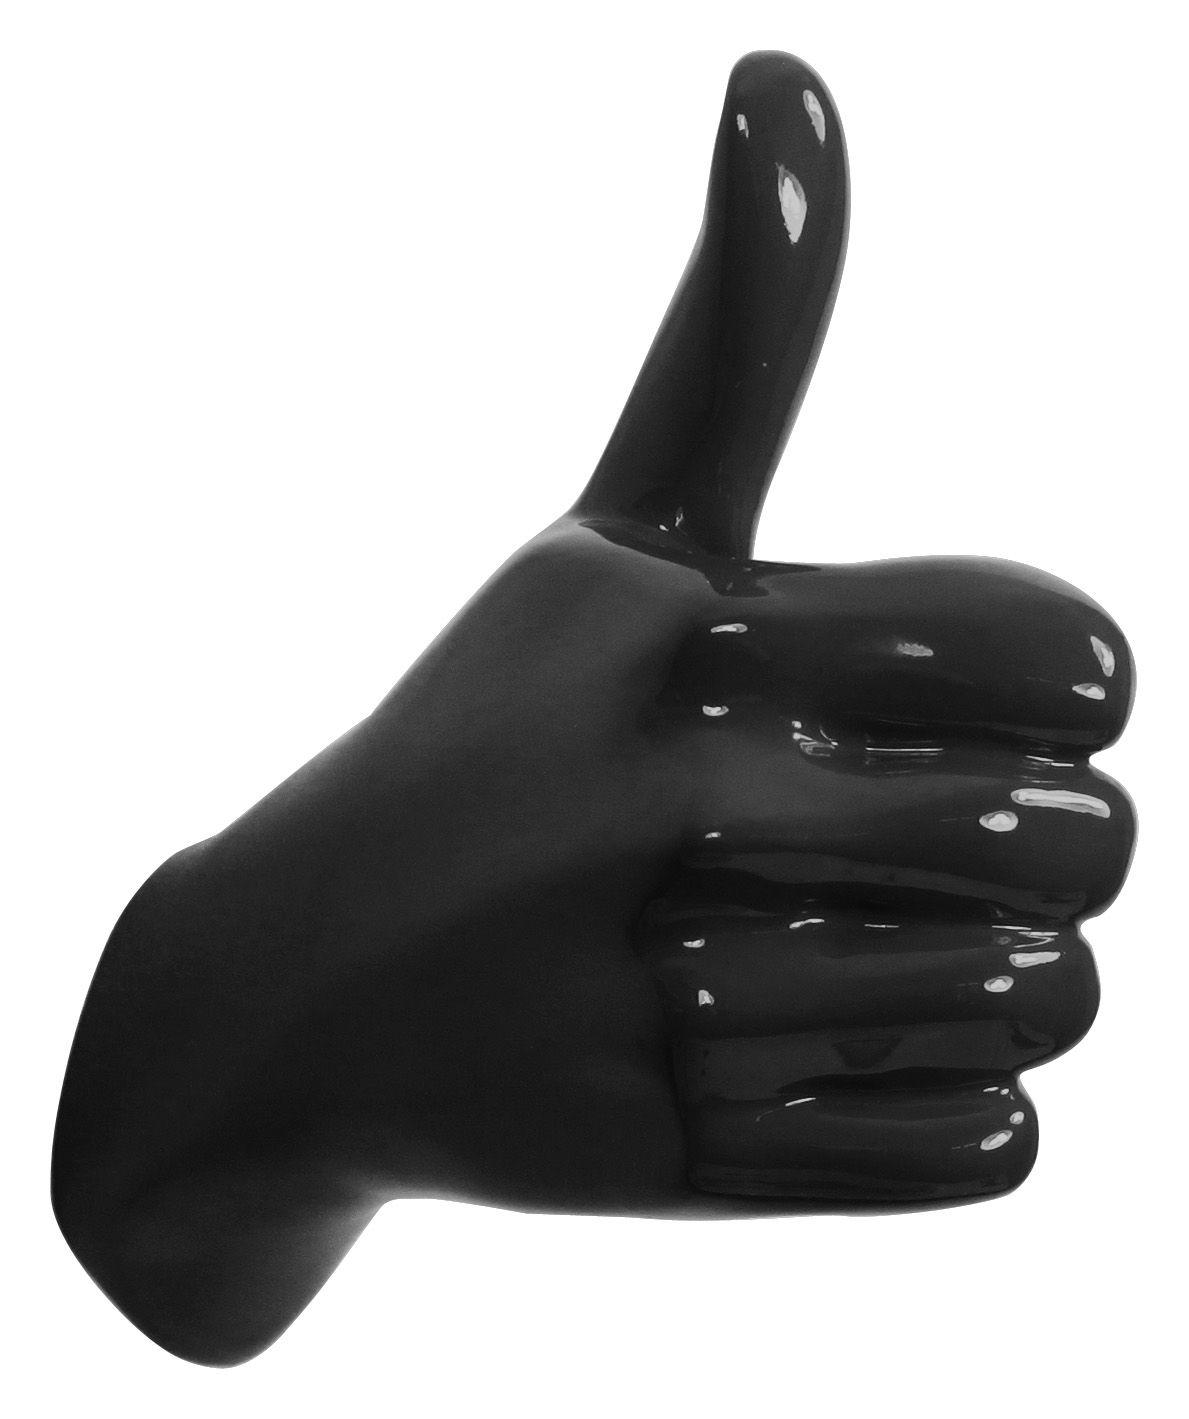 Möbel - Garderoben und Kleiderhaken - Hand Job - Thumbs up Wandhaken - Thelermont Hupton - Schwarz - lackiertes Harz